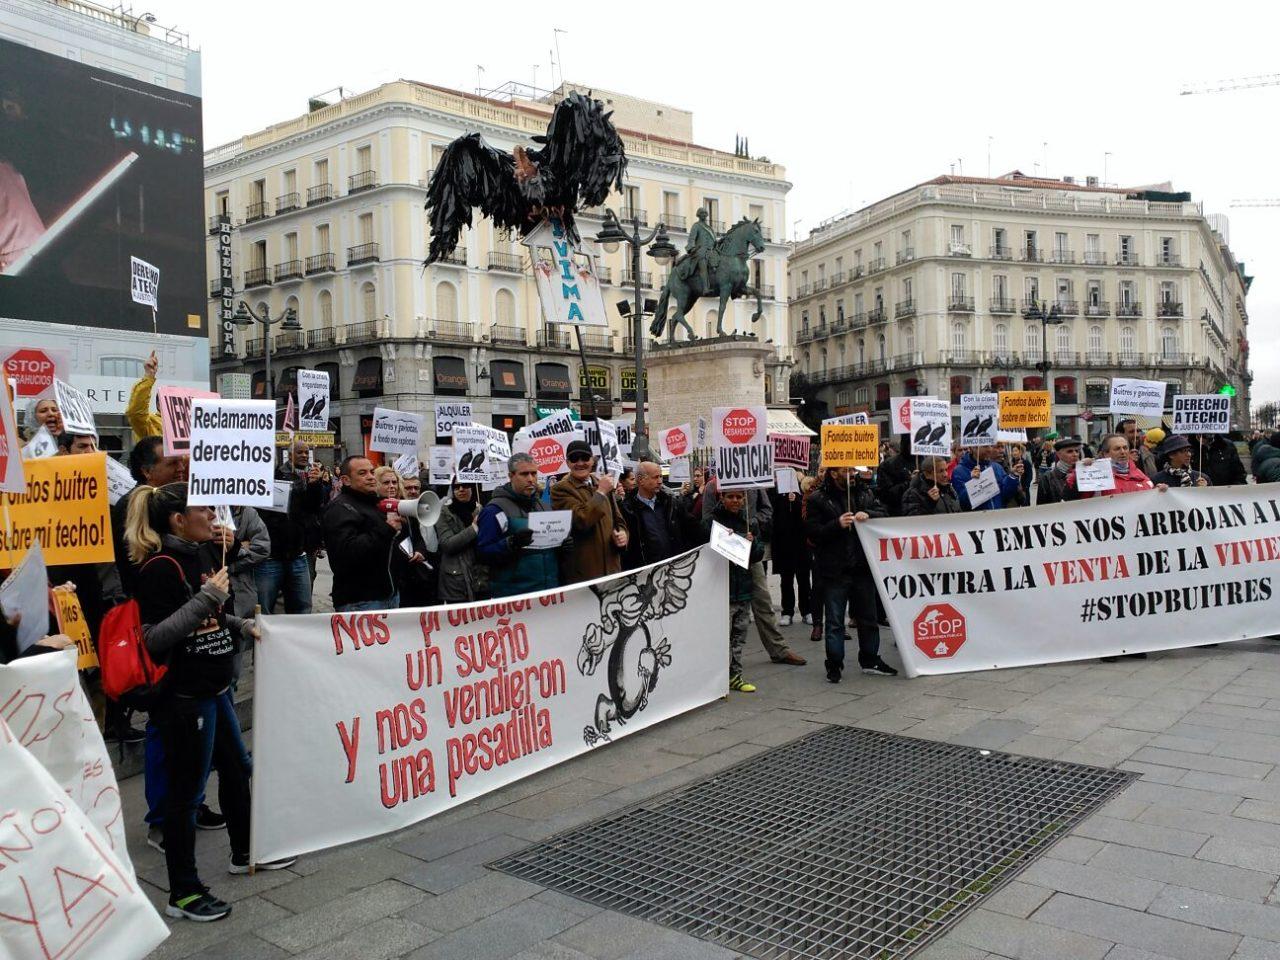 Los afectados por la venta del IVIMA piden a Ciudadanos que vote a favor de una PNL para anular la operación inmobiliaria